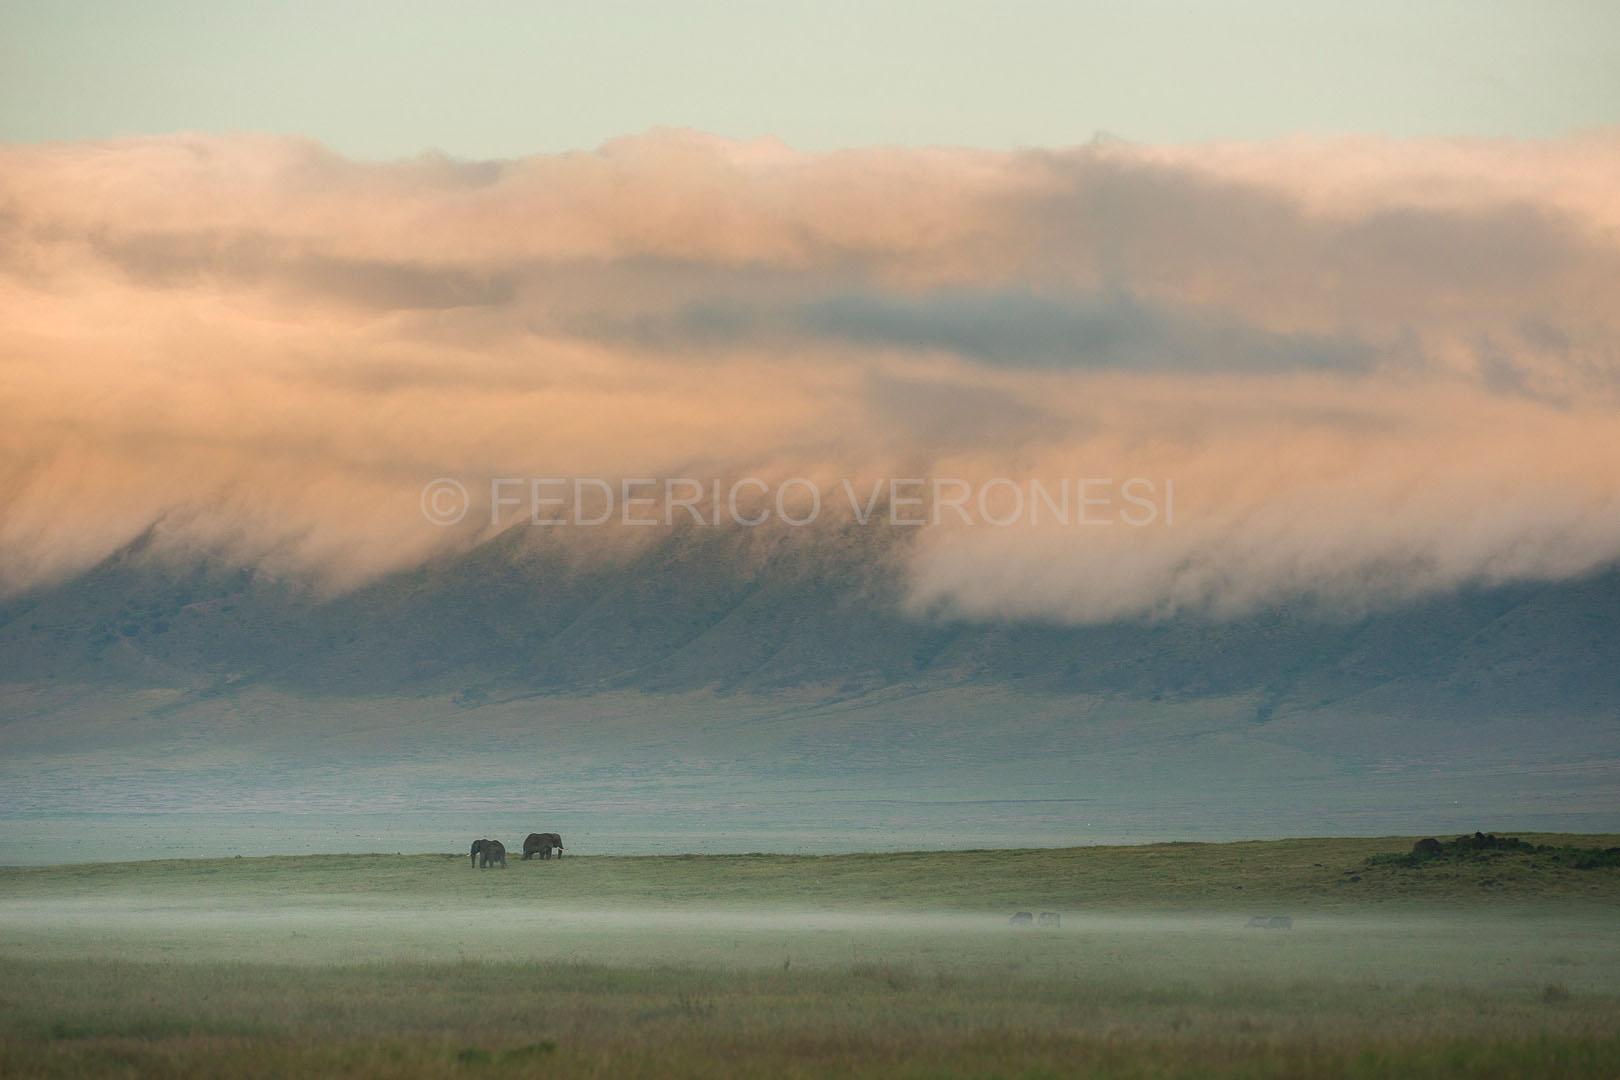 gallery-maasai-wanderings-safari-itineraries-signature-photo-safaris-africa-elephants-landscape